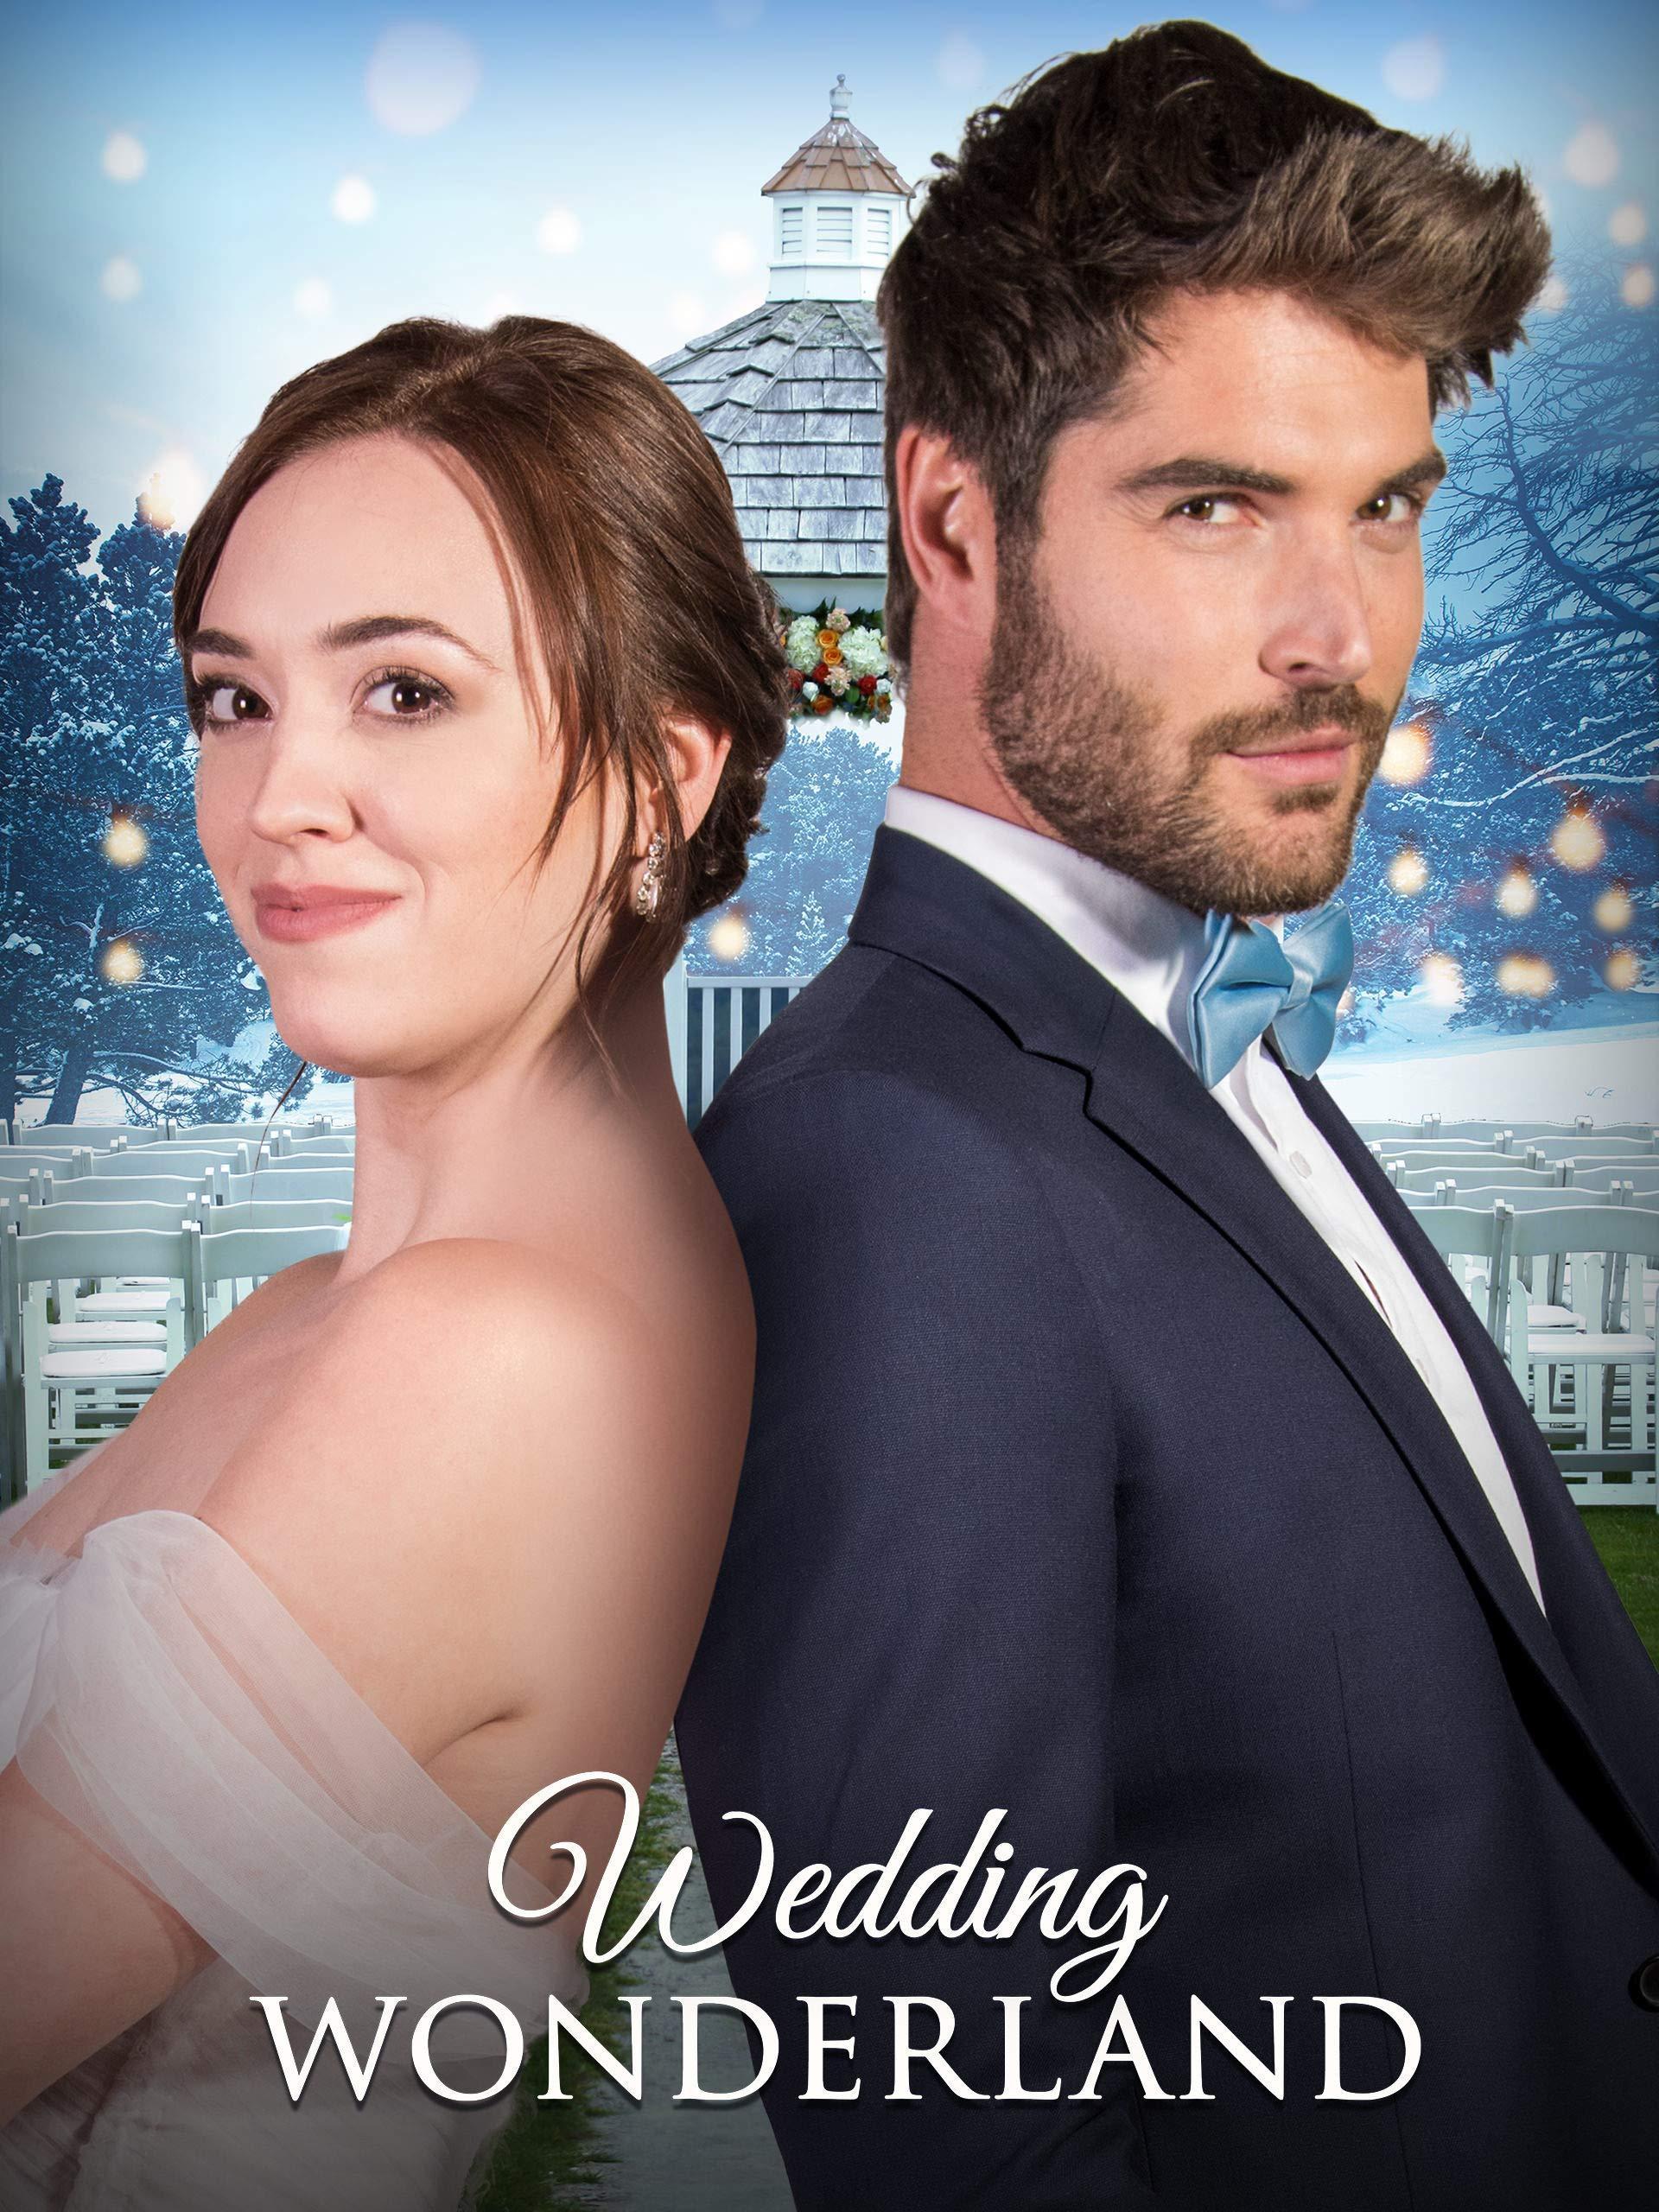 Esküvő csodaországban (A Wedding Wonderland) 2017.